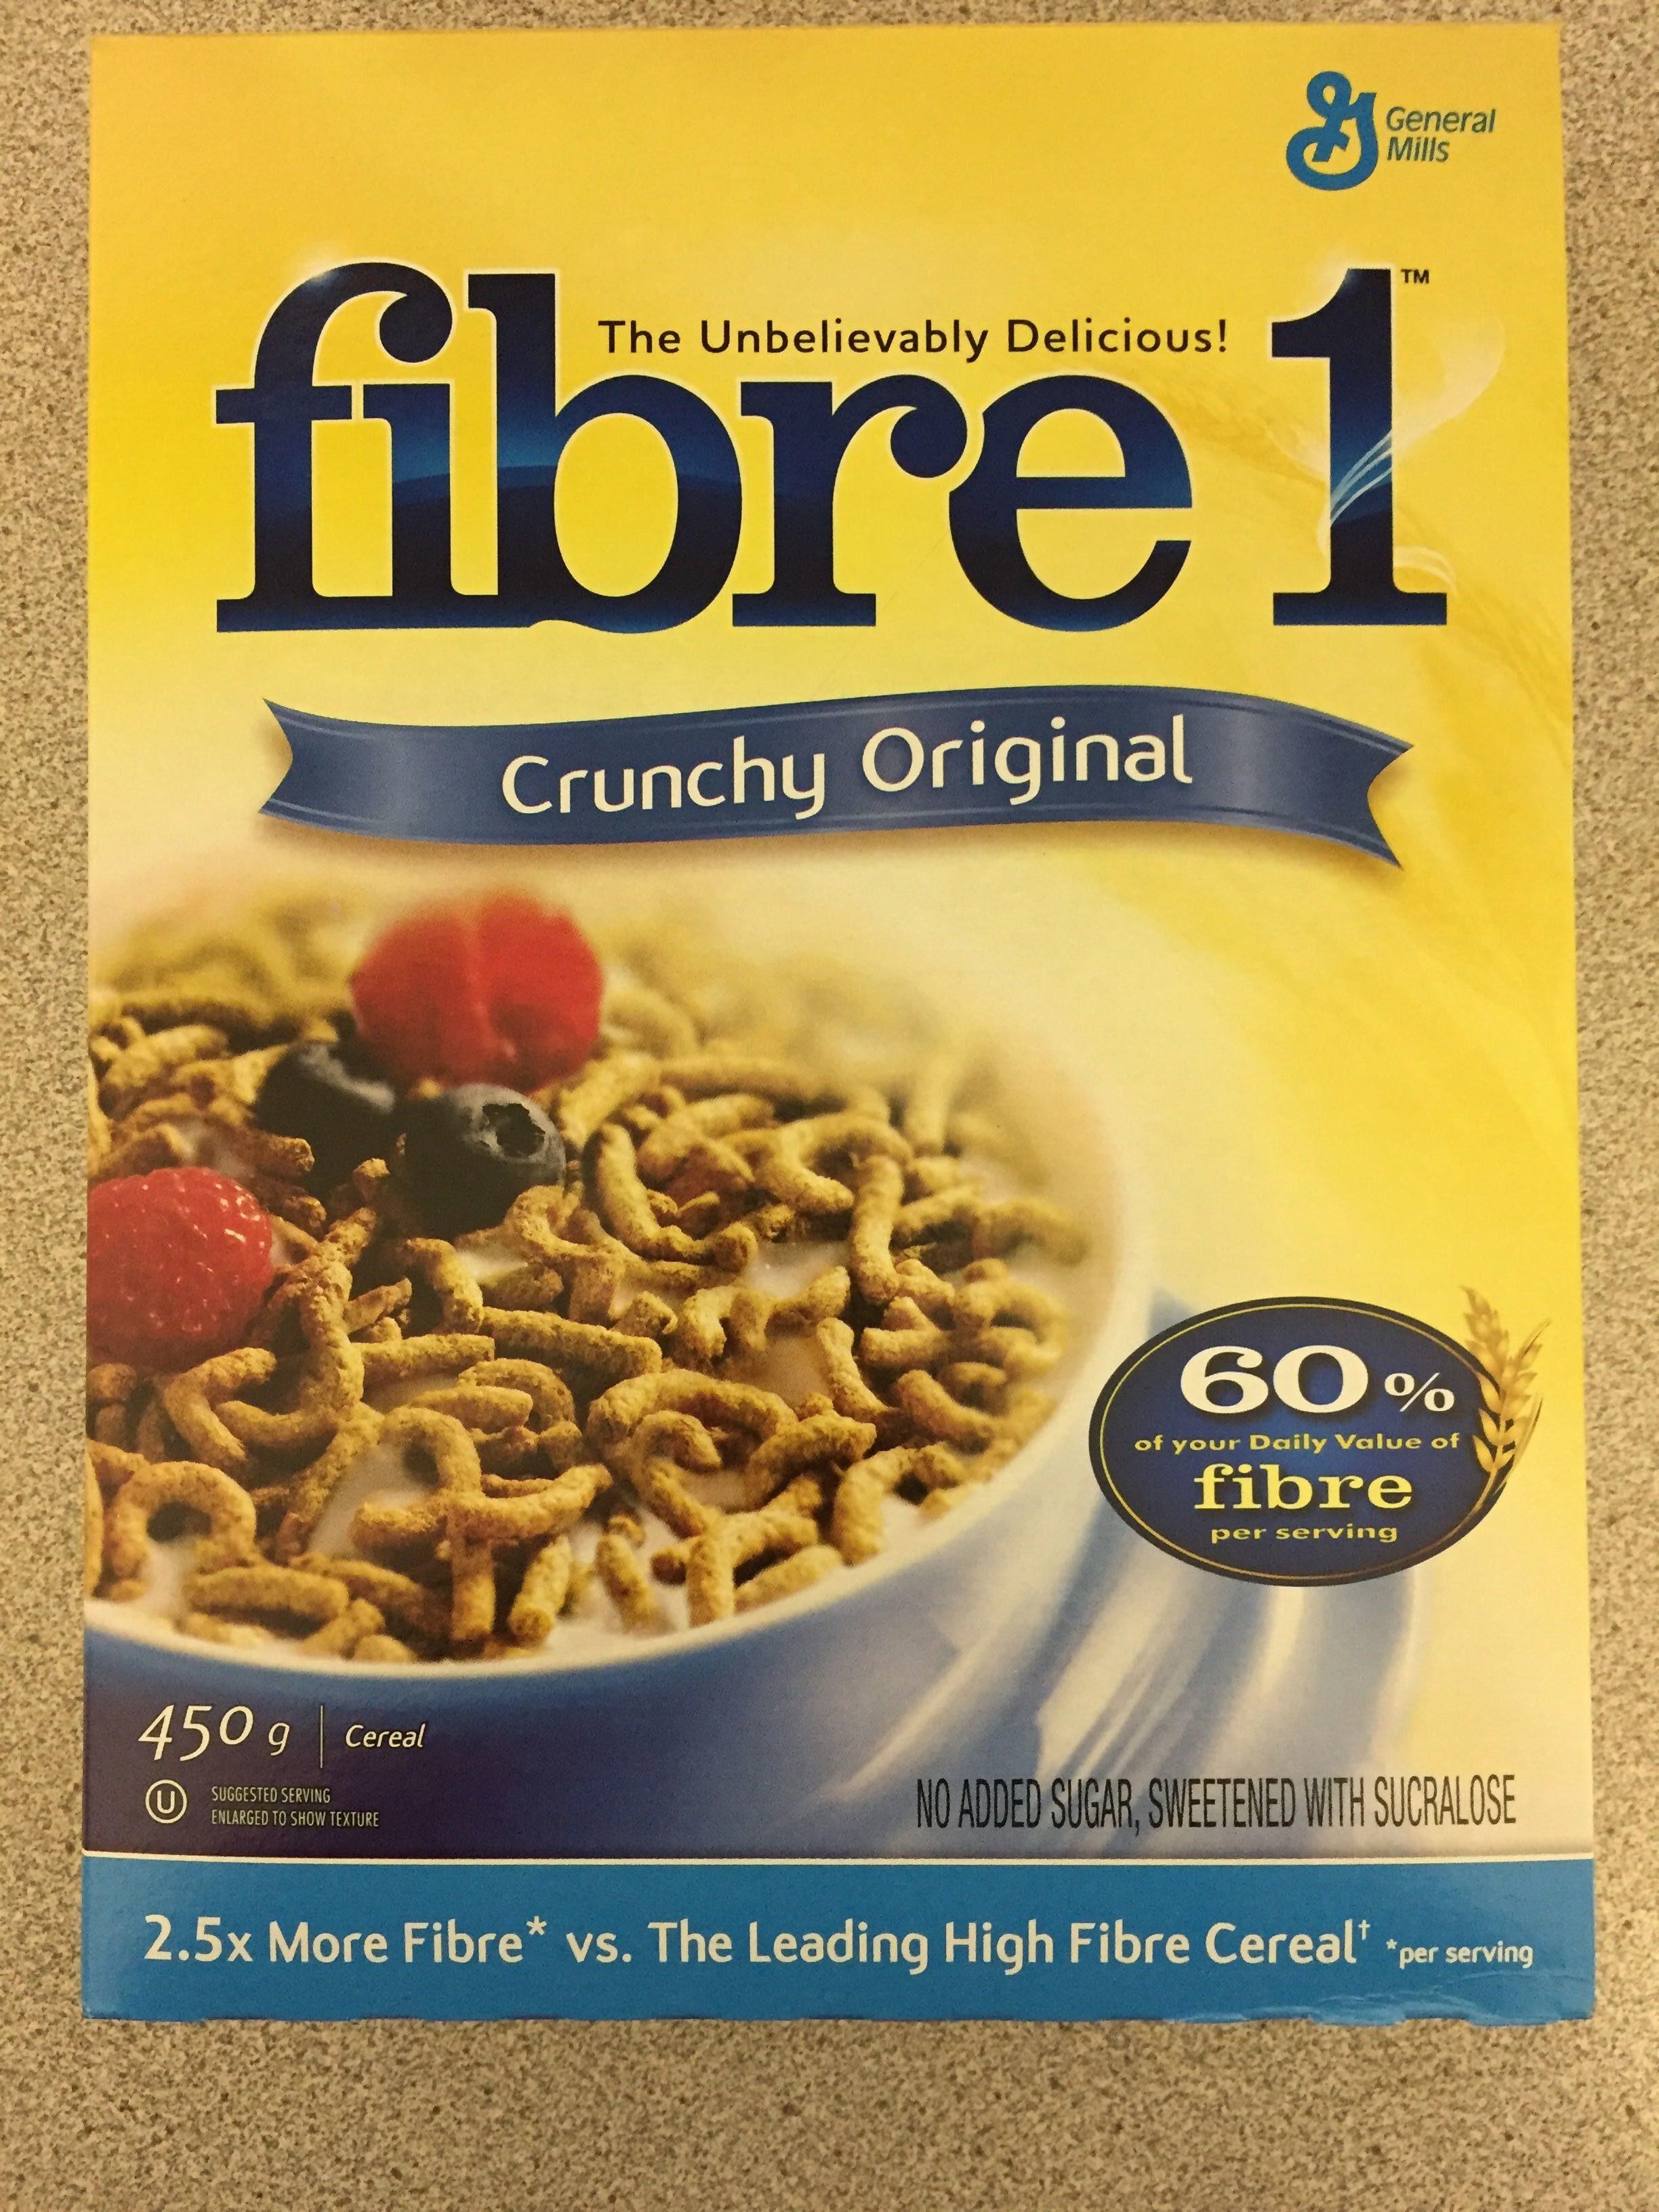 Fibre 1 Crunchy Original - Product - en